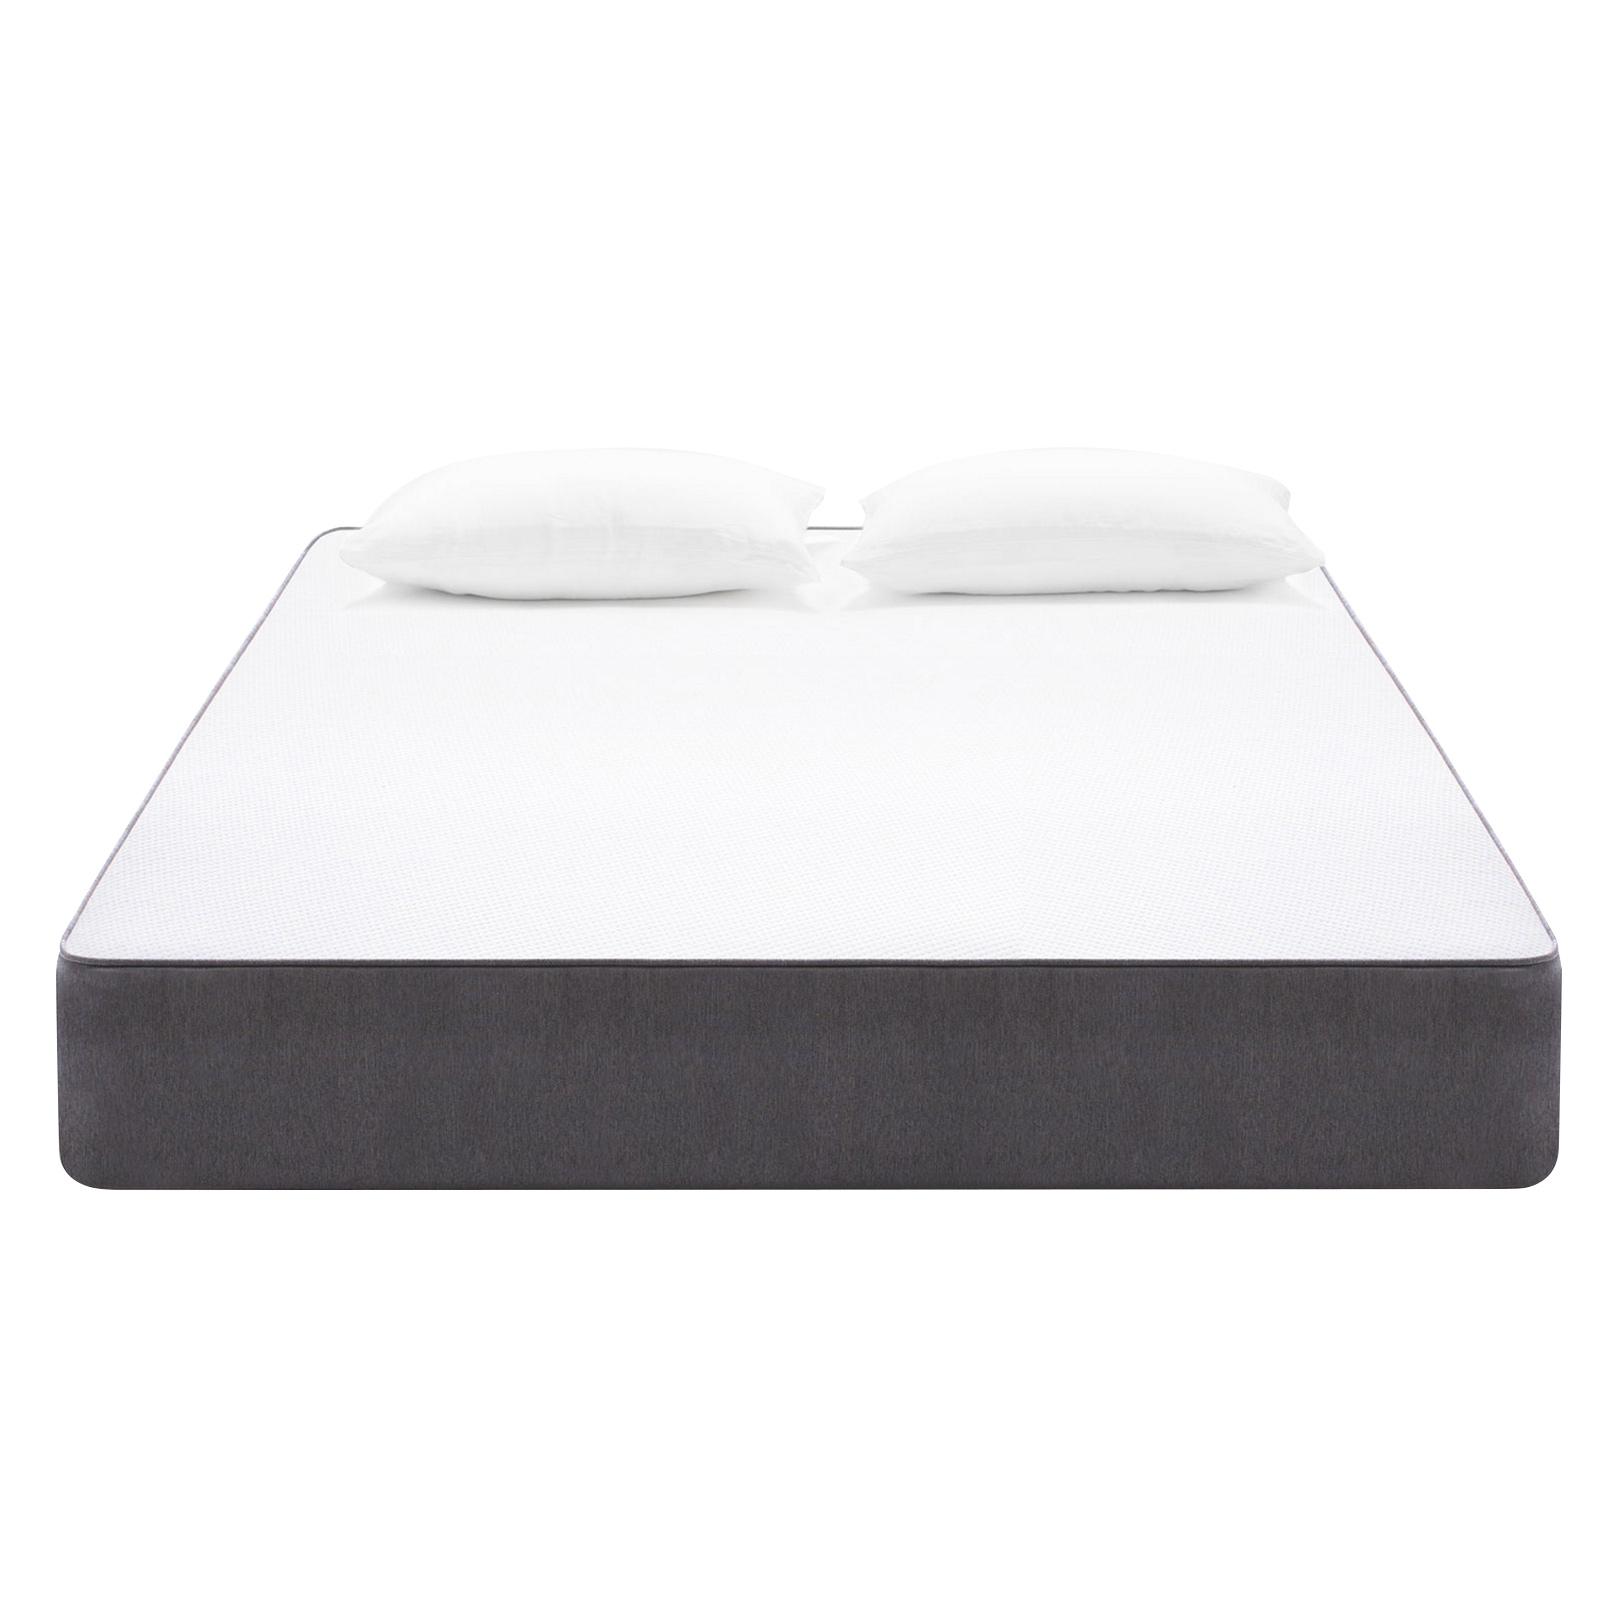 Mattress Queen 25cm Latex High Destiny Firm Support Memory Foam Ebay